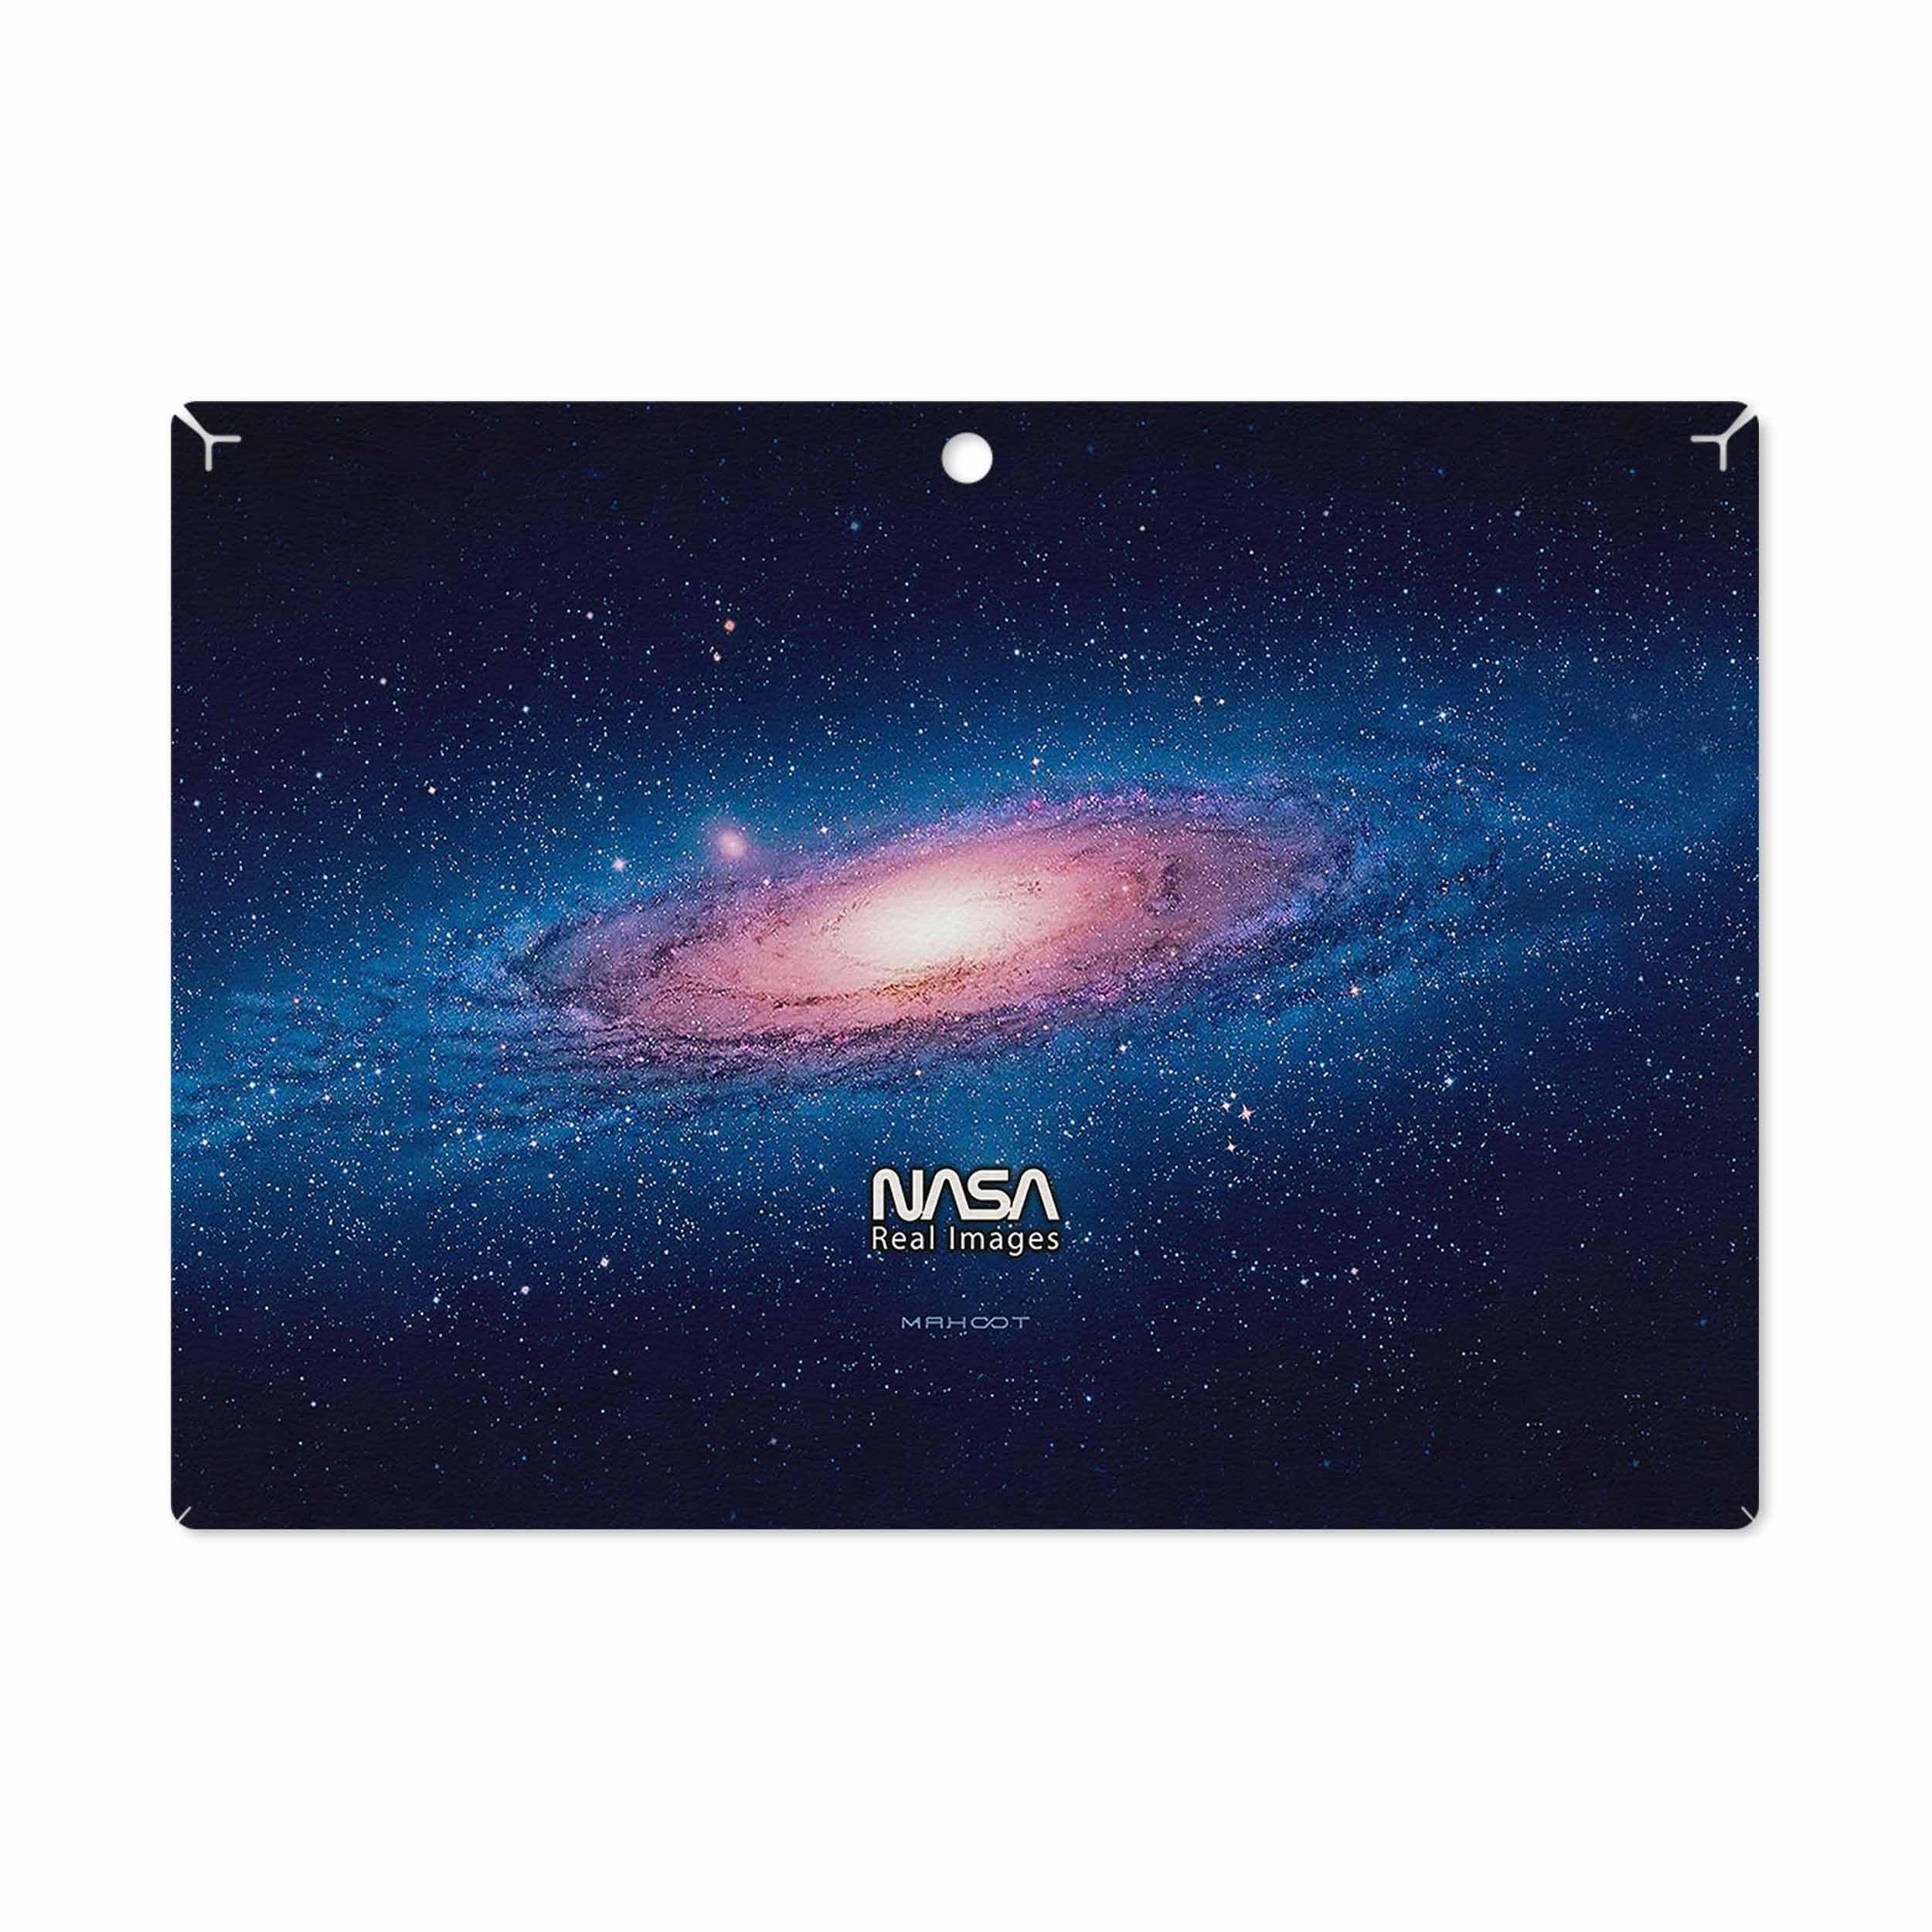 بررسی و خرید [با تخفیف]                                     برچسب پوششی ماهوت مدل Universe-by-NASA-4 مناسب برای تبلت لنوو Miix 320 2017                             اورجینال